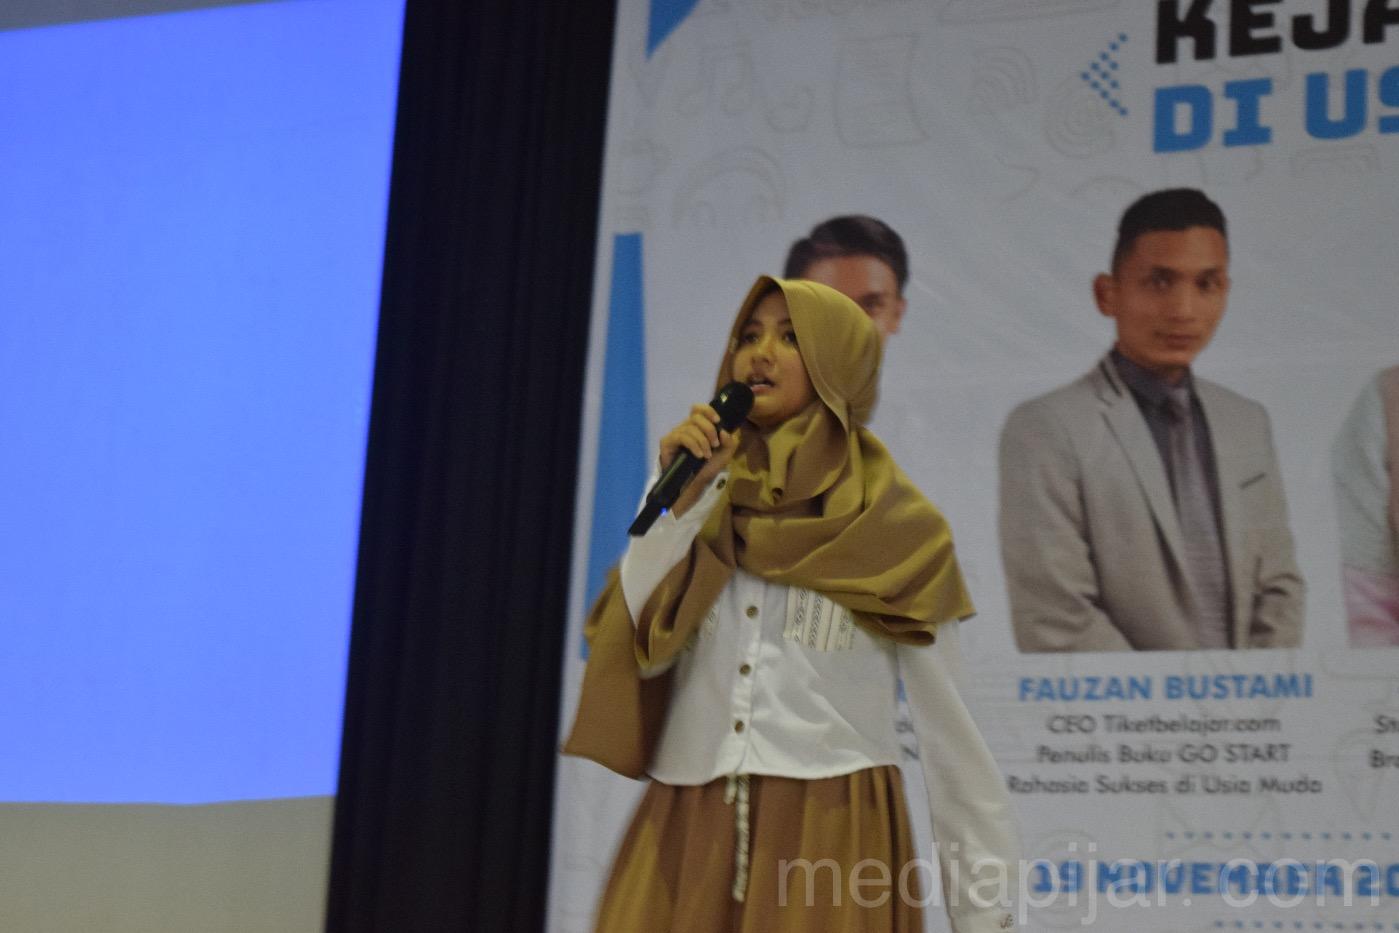 Arafah Rianti pada saat memberikan materi stand up comedy di Auditorium UNIMED (19/11). (Fotografer: Novita Arum)